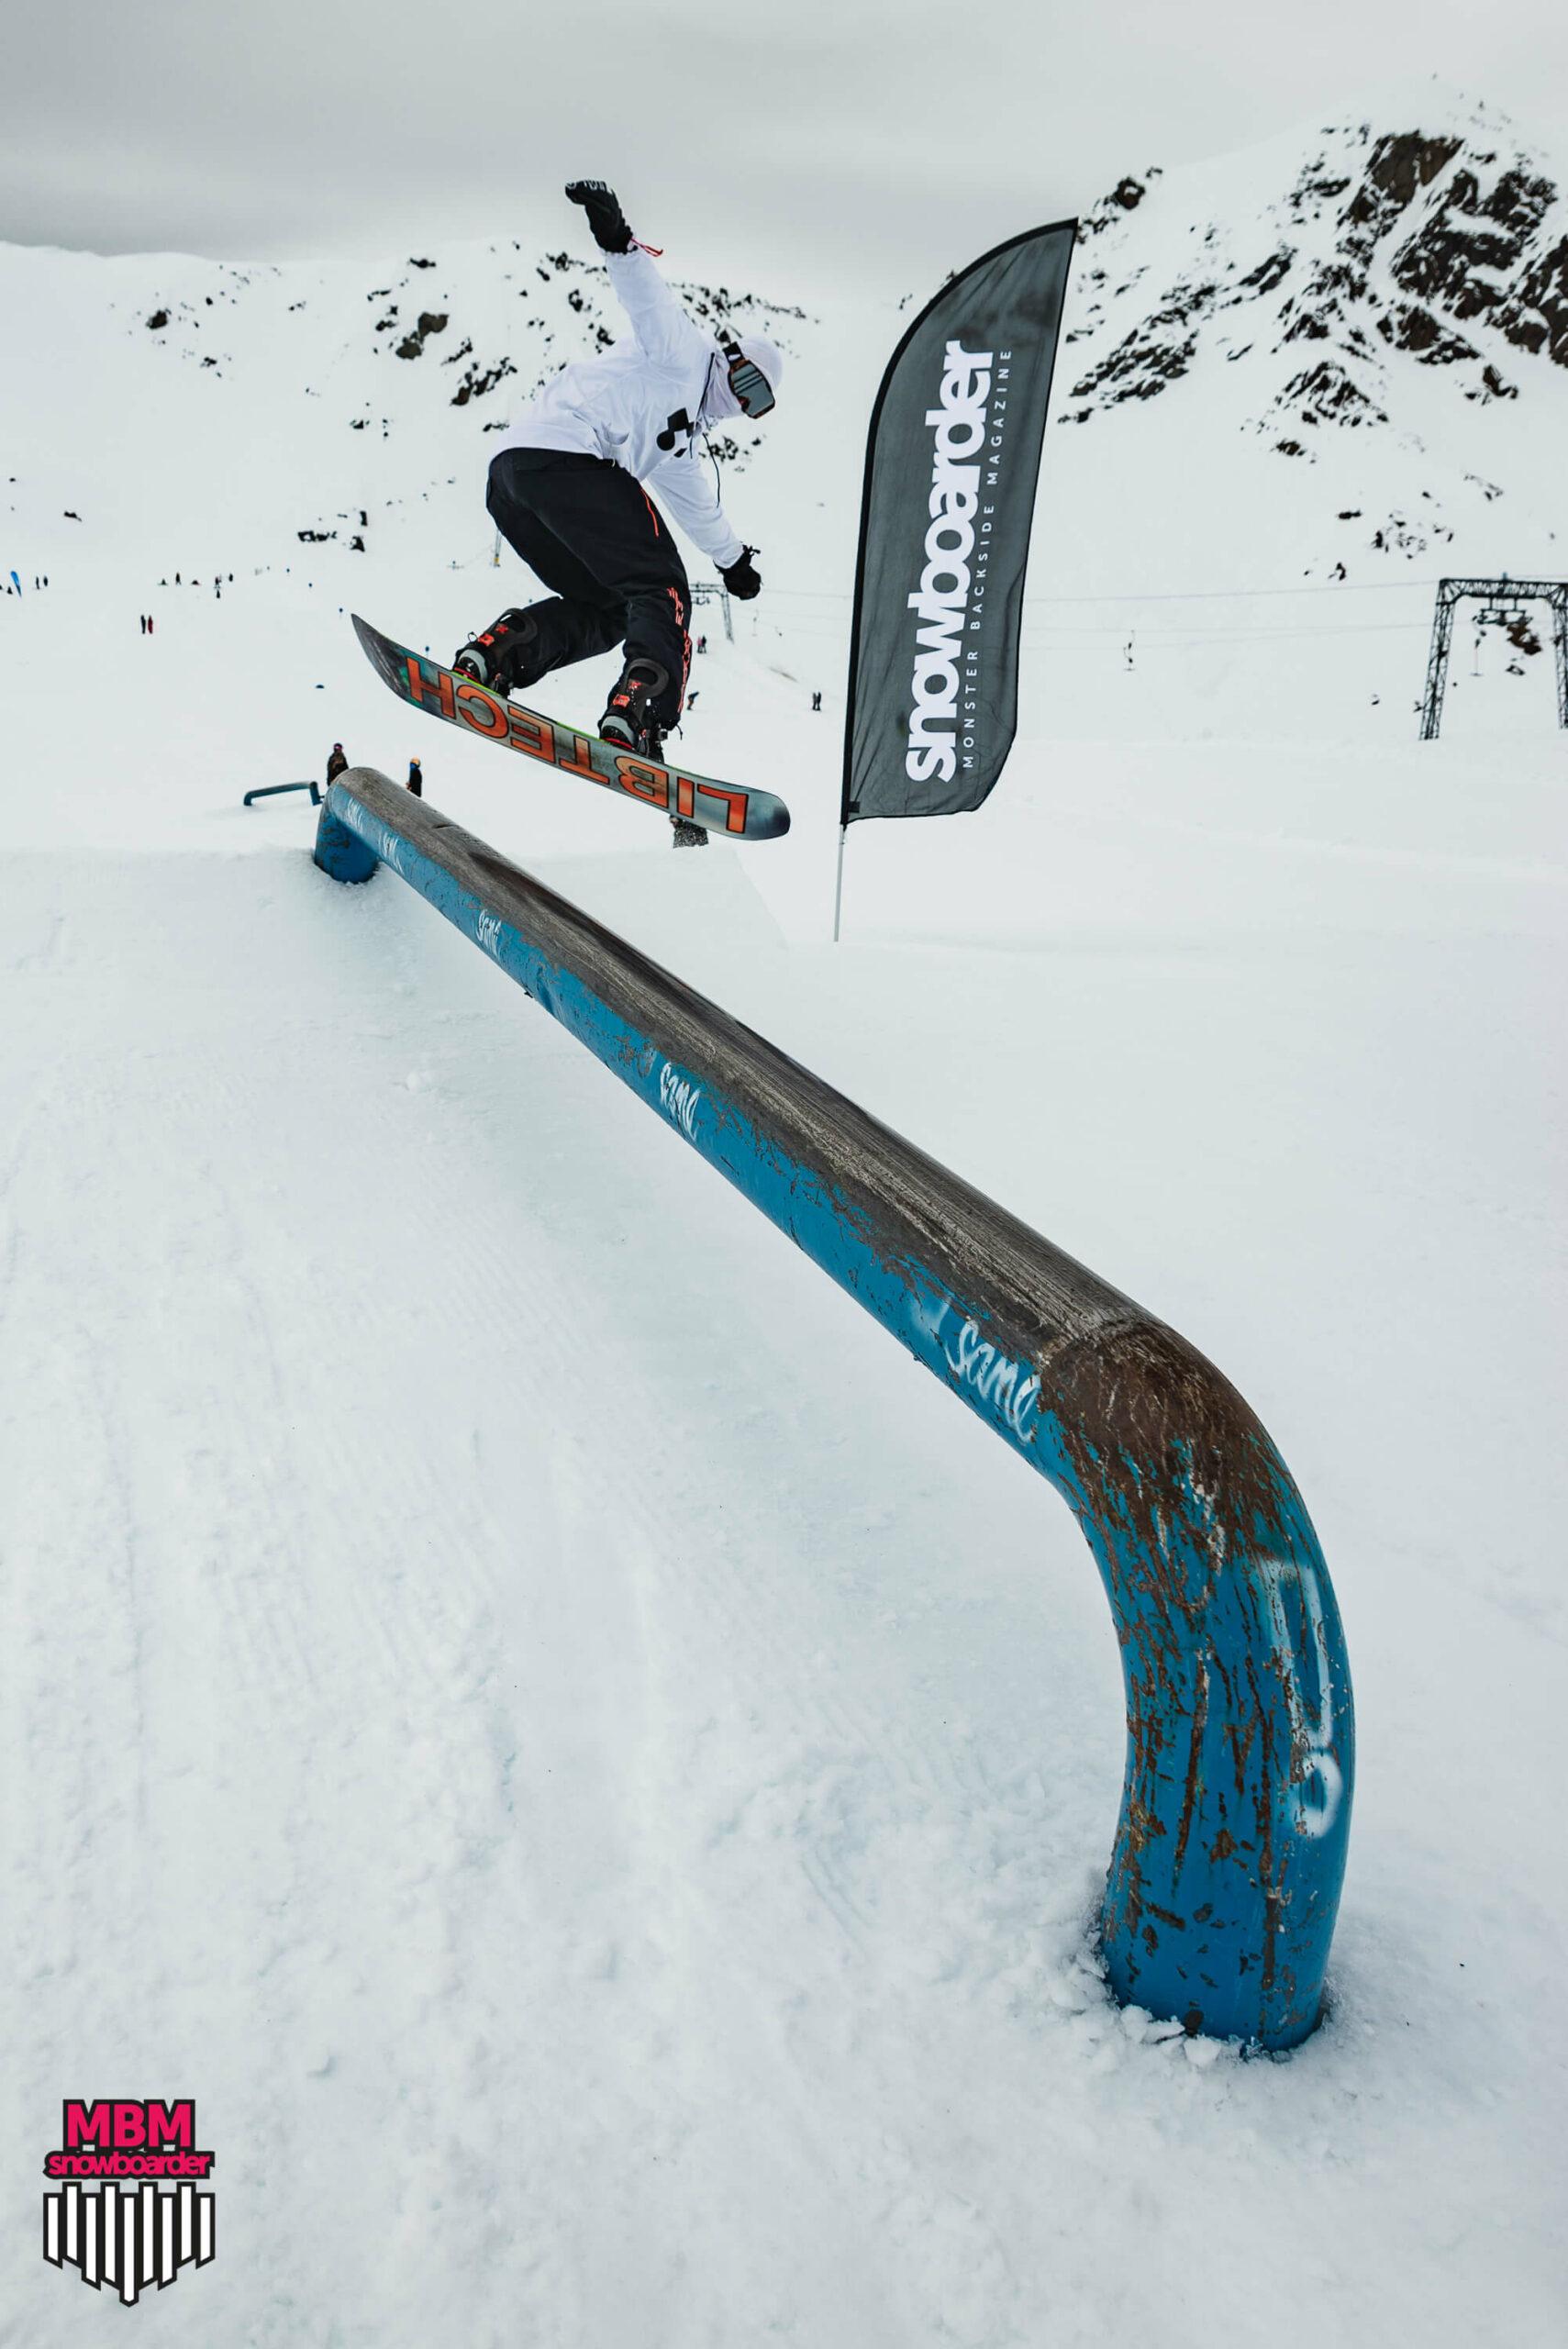 snowboarderMBM_sd_kaunertal_045